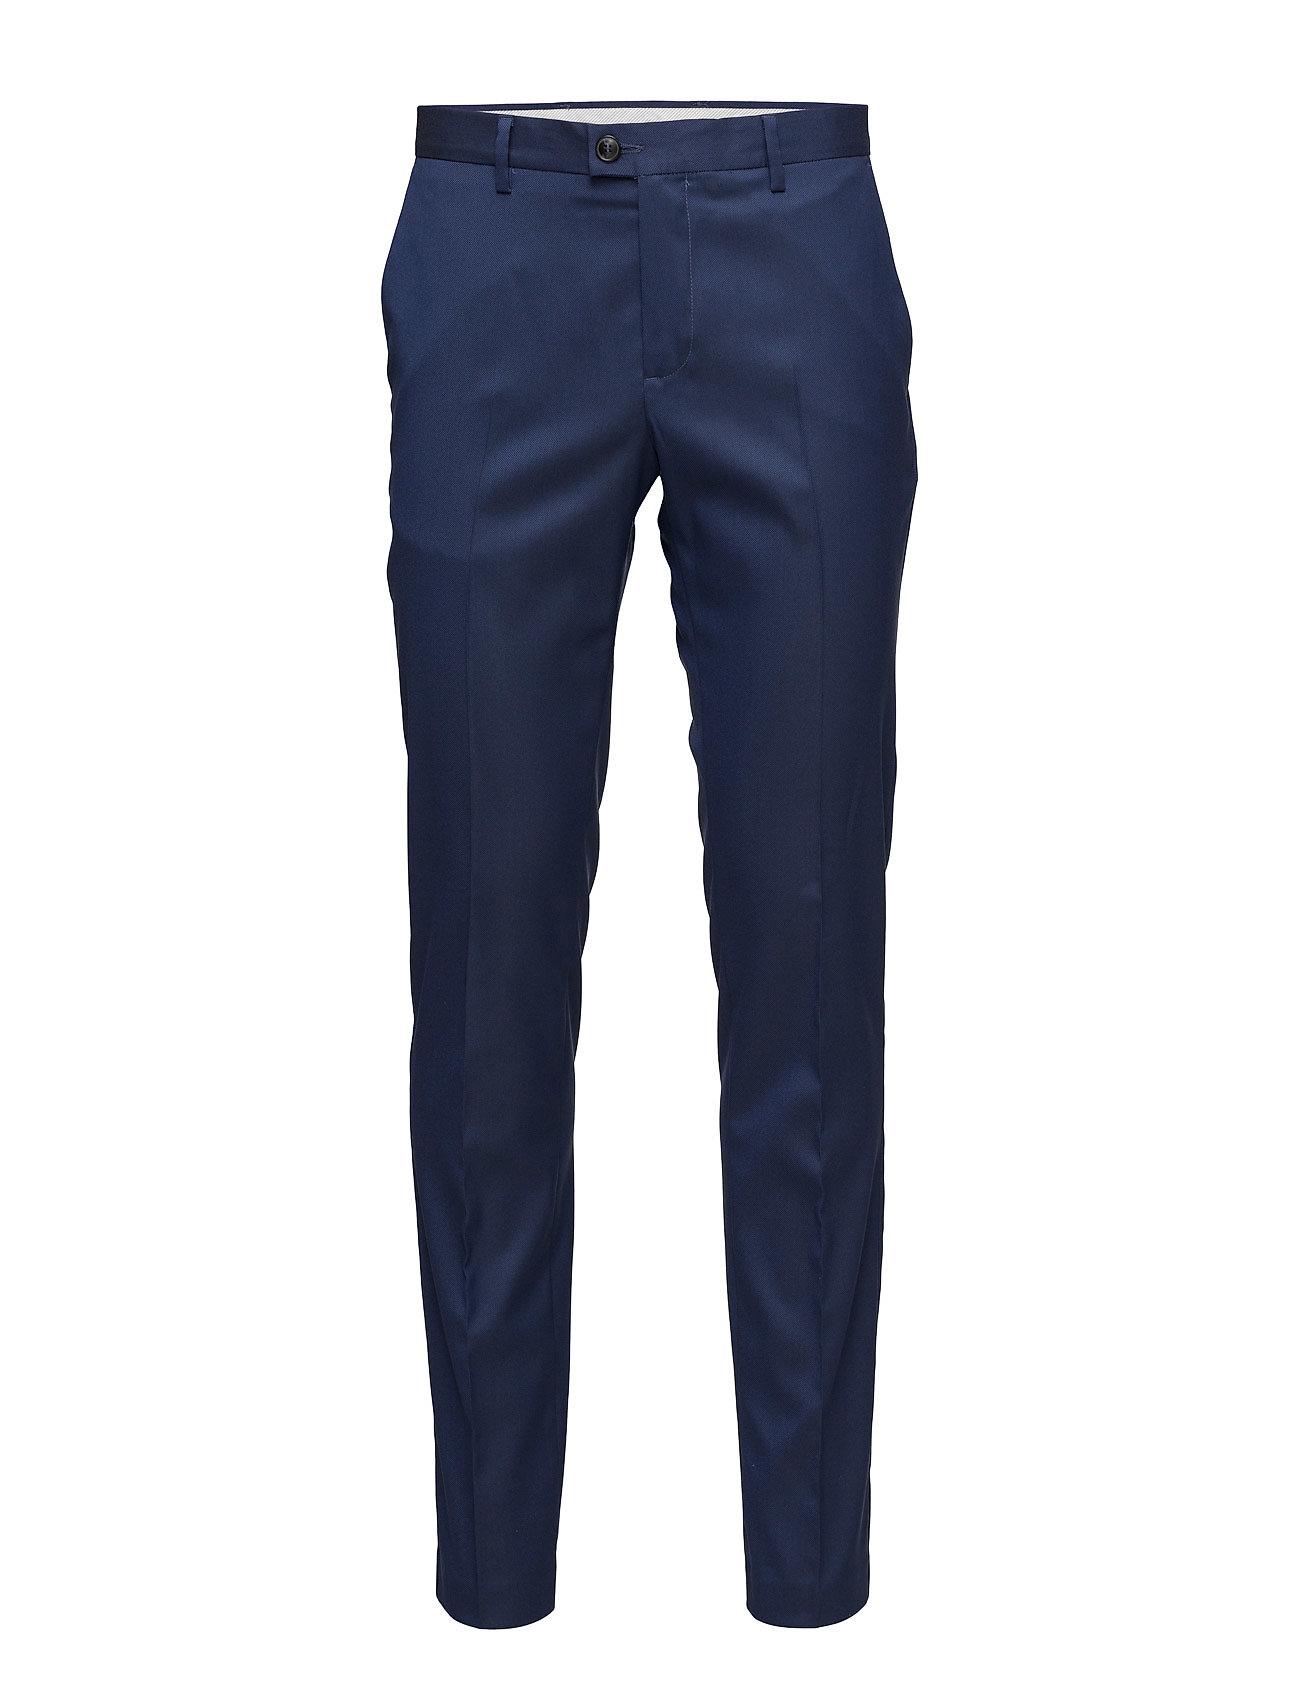 Trousers United Colors of Benetton Formelle til Herrer i